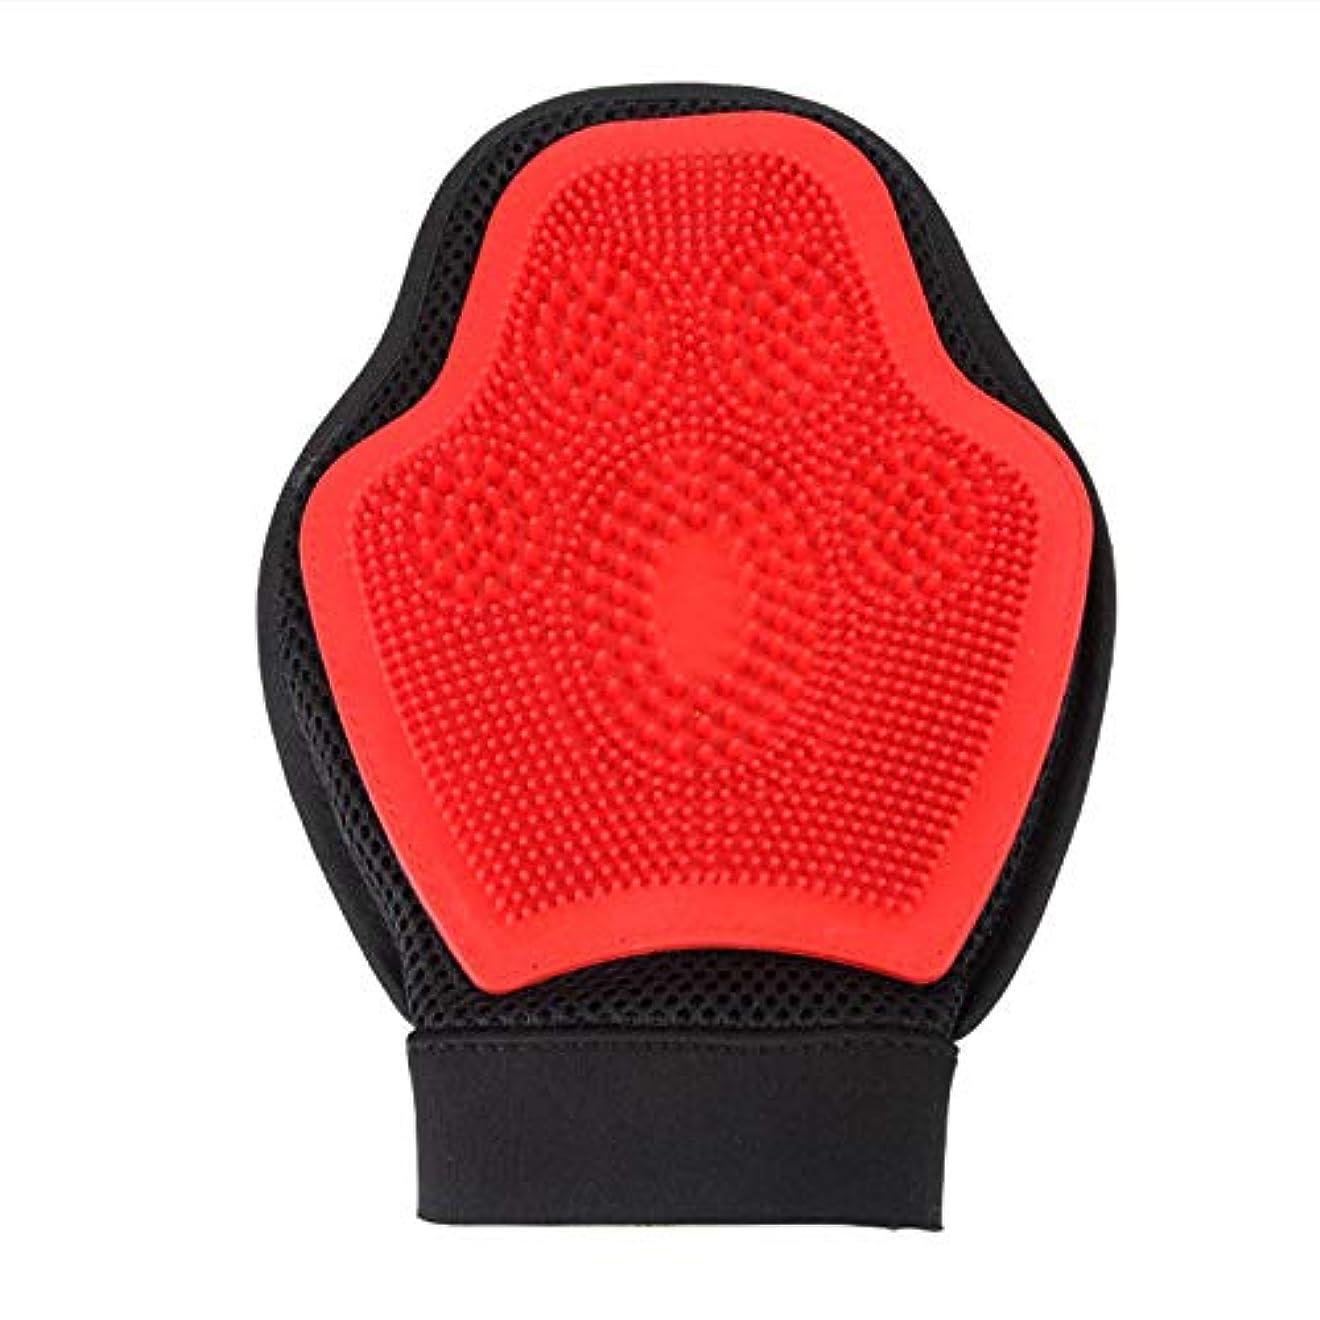 前売もっと少なく構想するBTXXYJP 手袋 ペット ブラシ グローブ 猫 ブラシ クリーナー 抜け毛取り ブラッシング マッサージブラシ 犬 グローブ ペット毛取りブラシ お手入れ (Color : Red, Size : L)